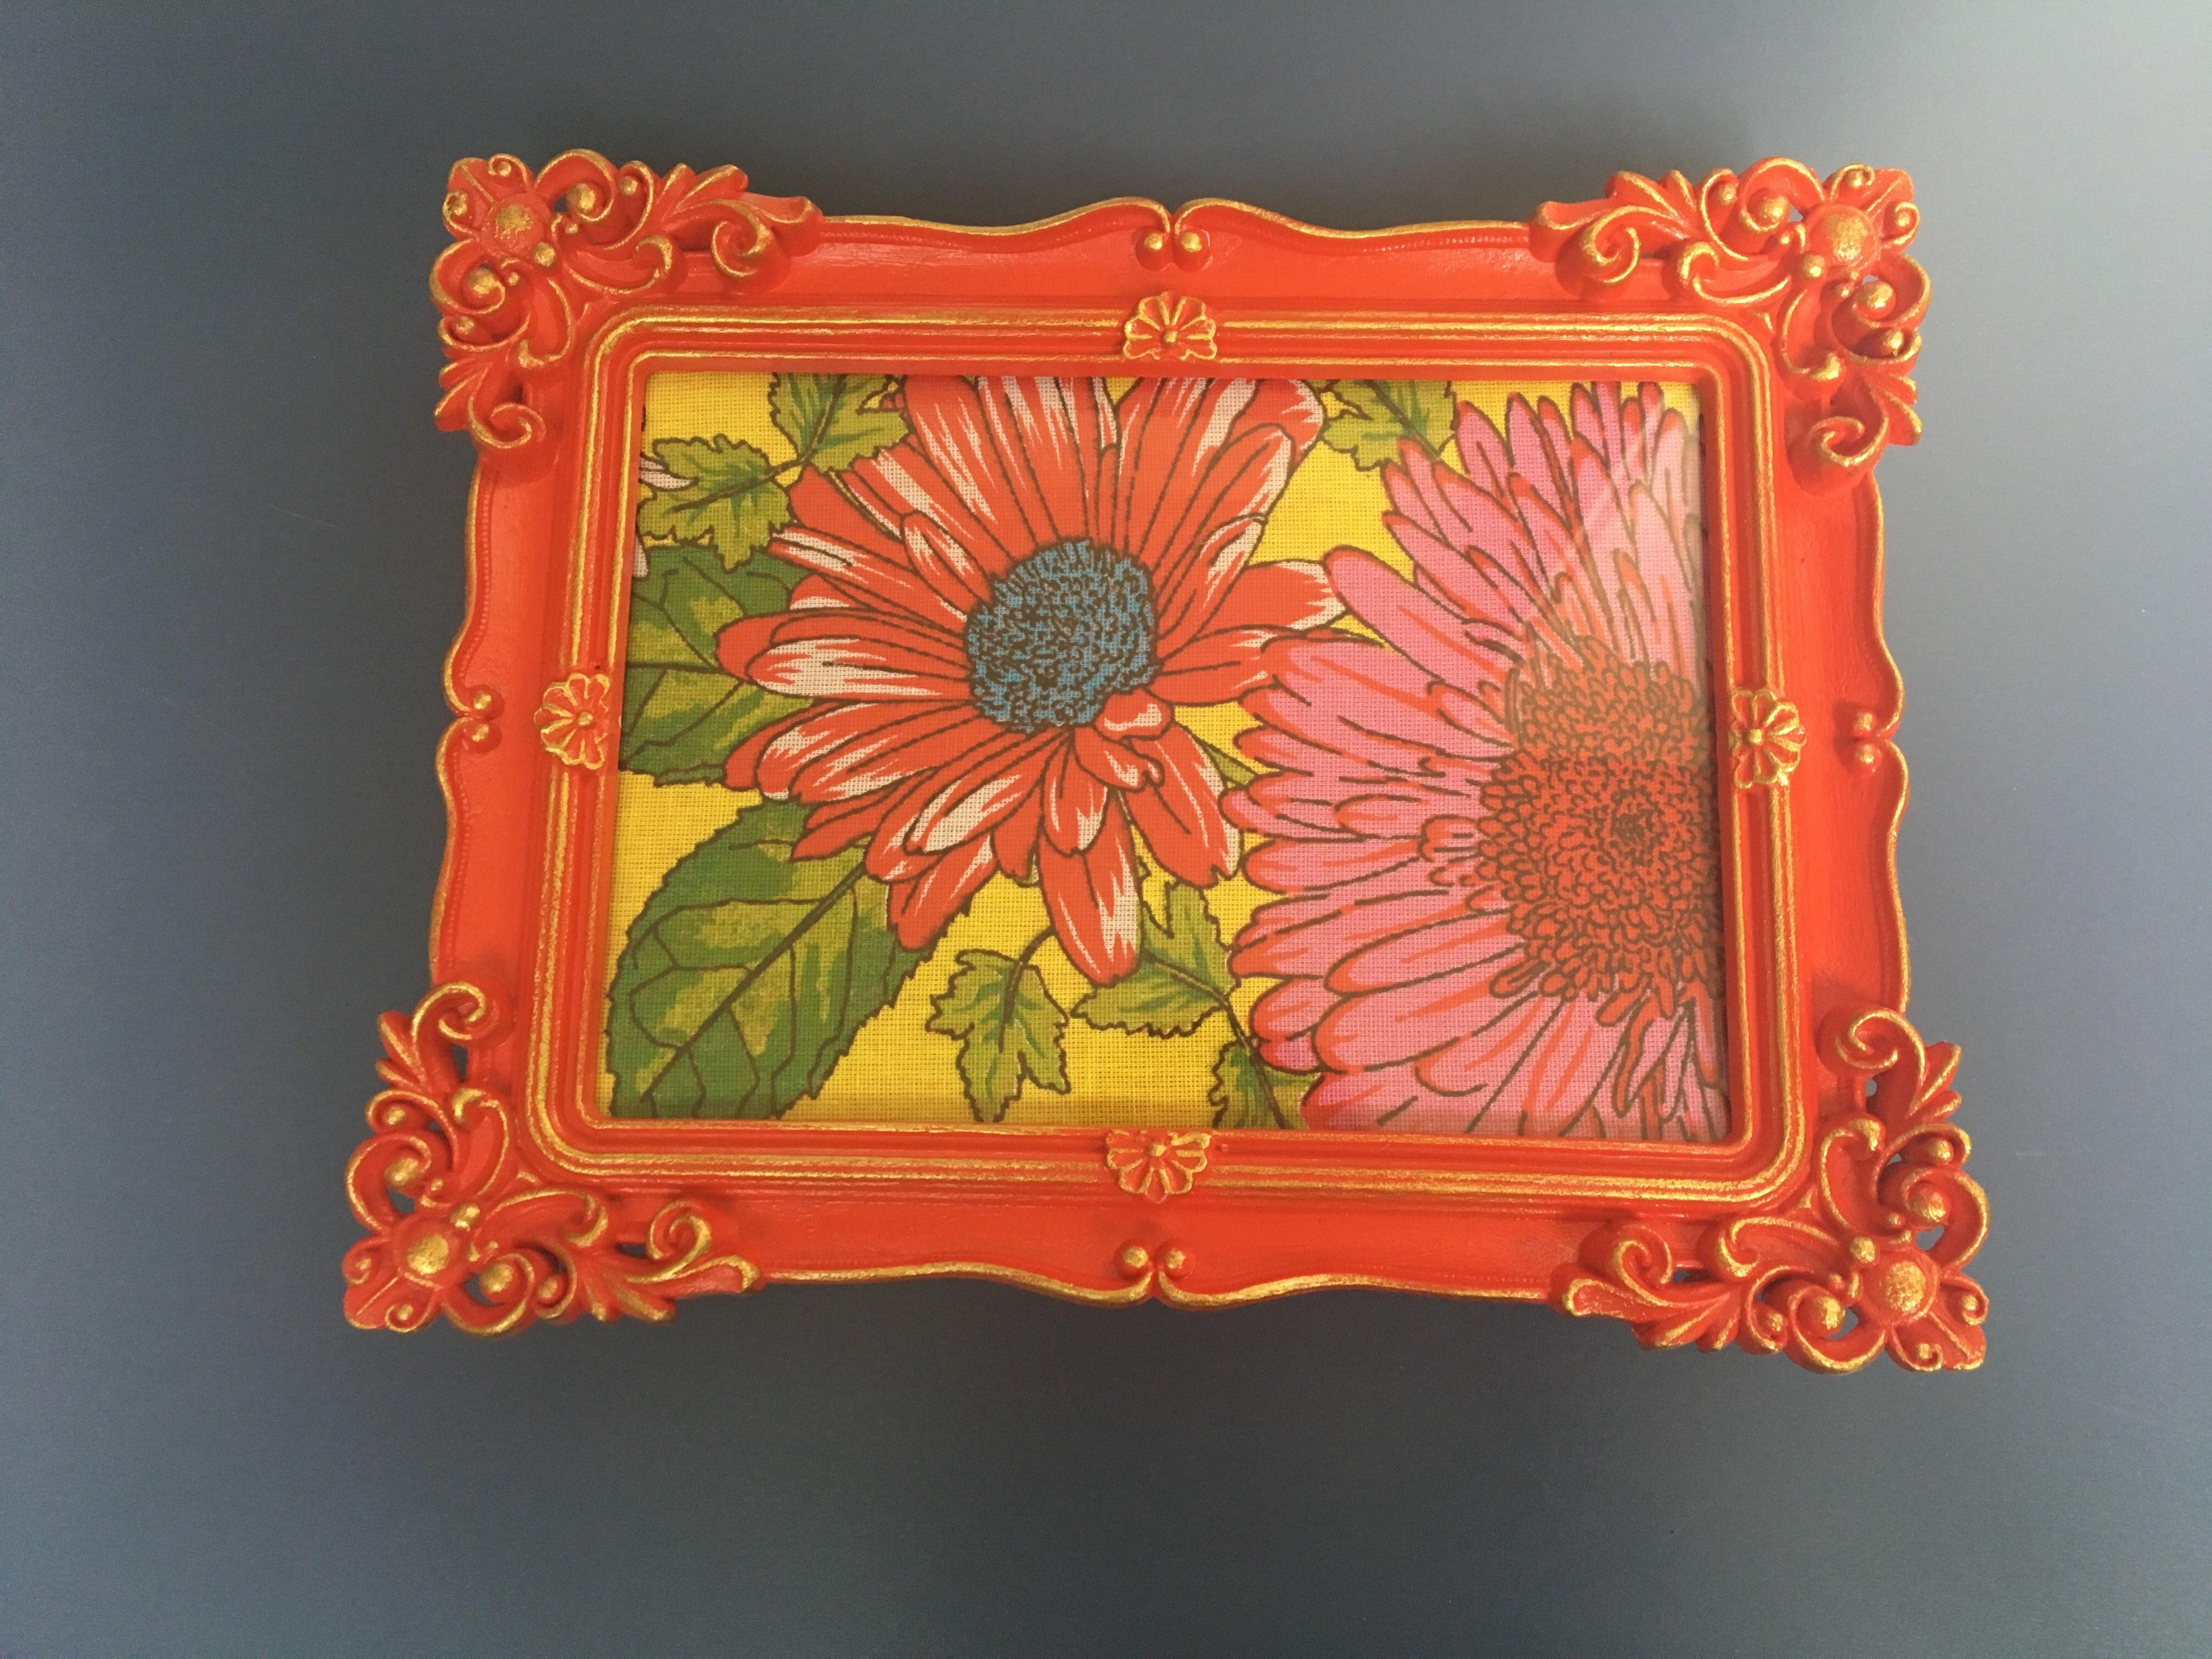 Bandeja Vermelha Artesanato Trabalho Manual Estampa Tecido Flores Decoracao Colorido Mais Informaco Decoracao Com Flores Decoracao Colorida Trabalhos Manuais